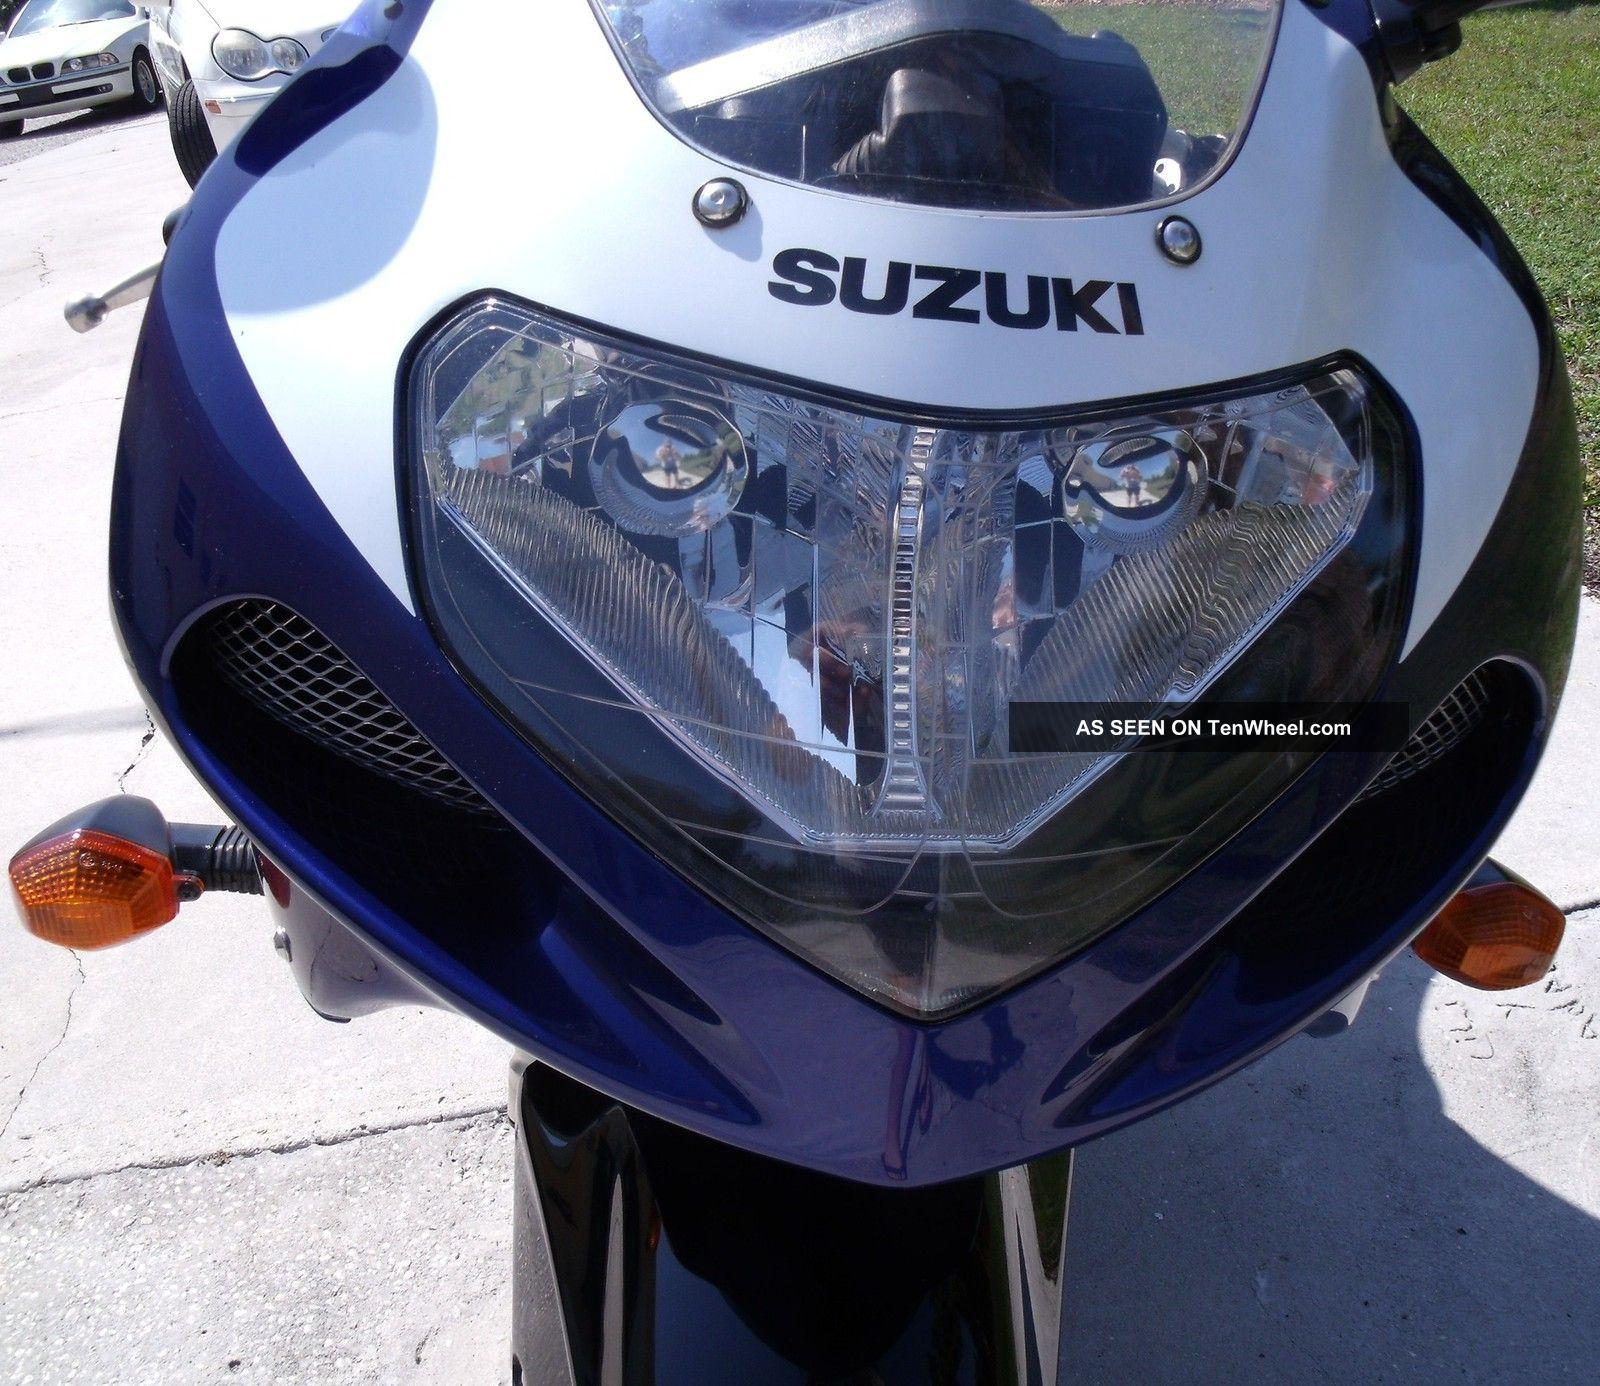 Suzuki 2002 Gsxr - 750